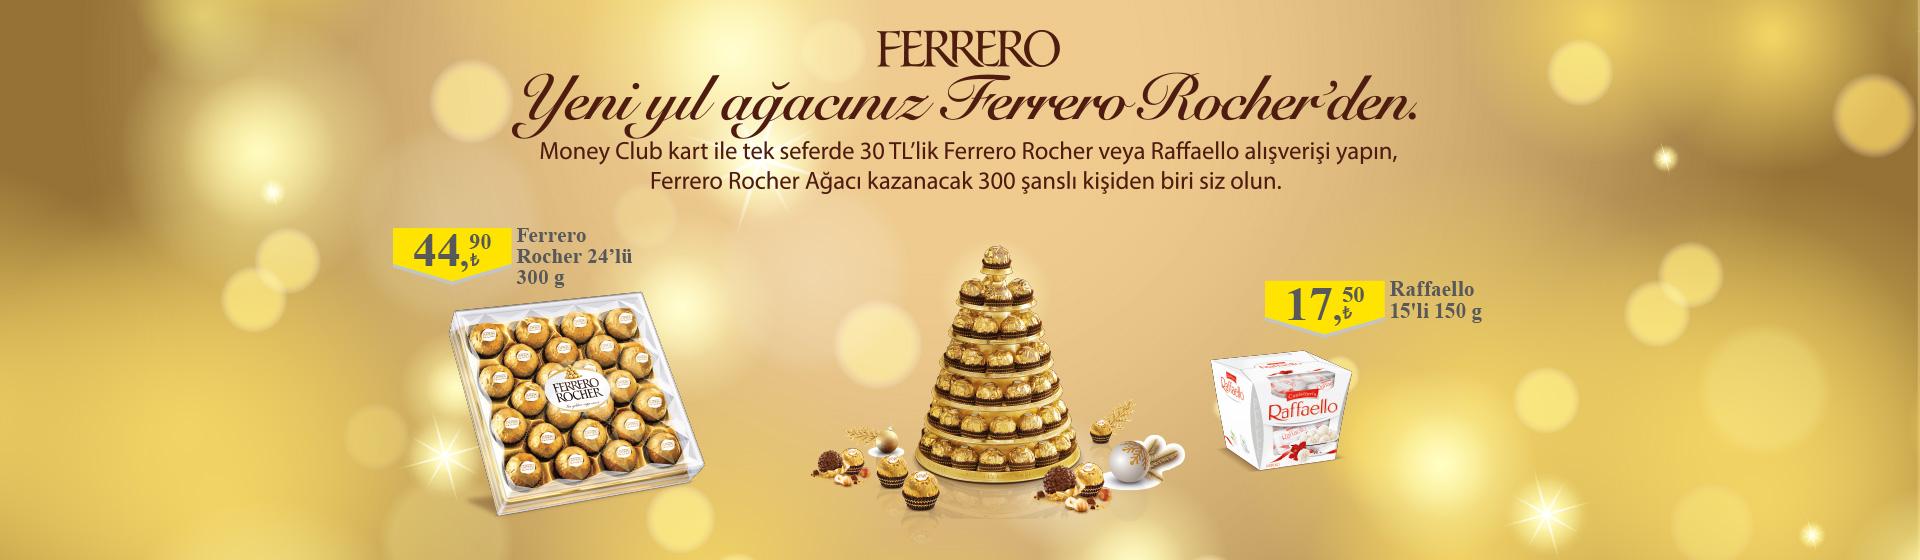 Ferrero Pralin Çekiliş kampanyası